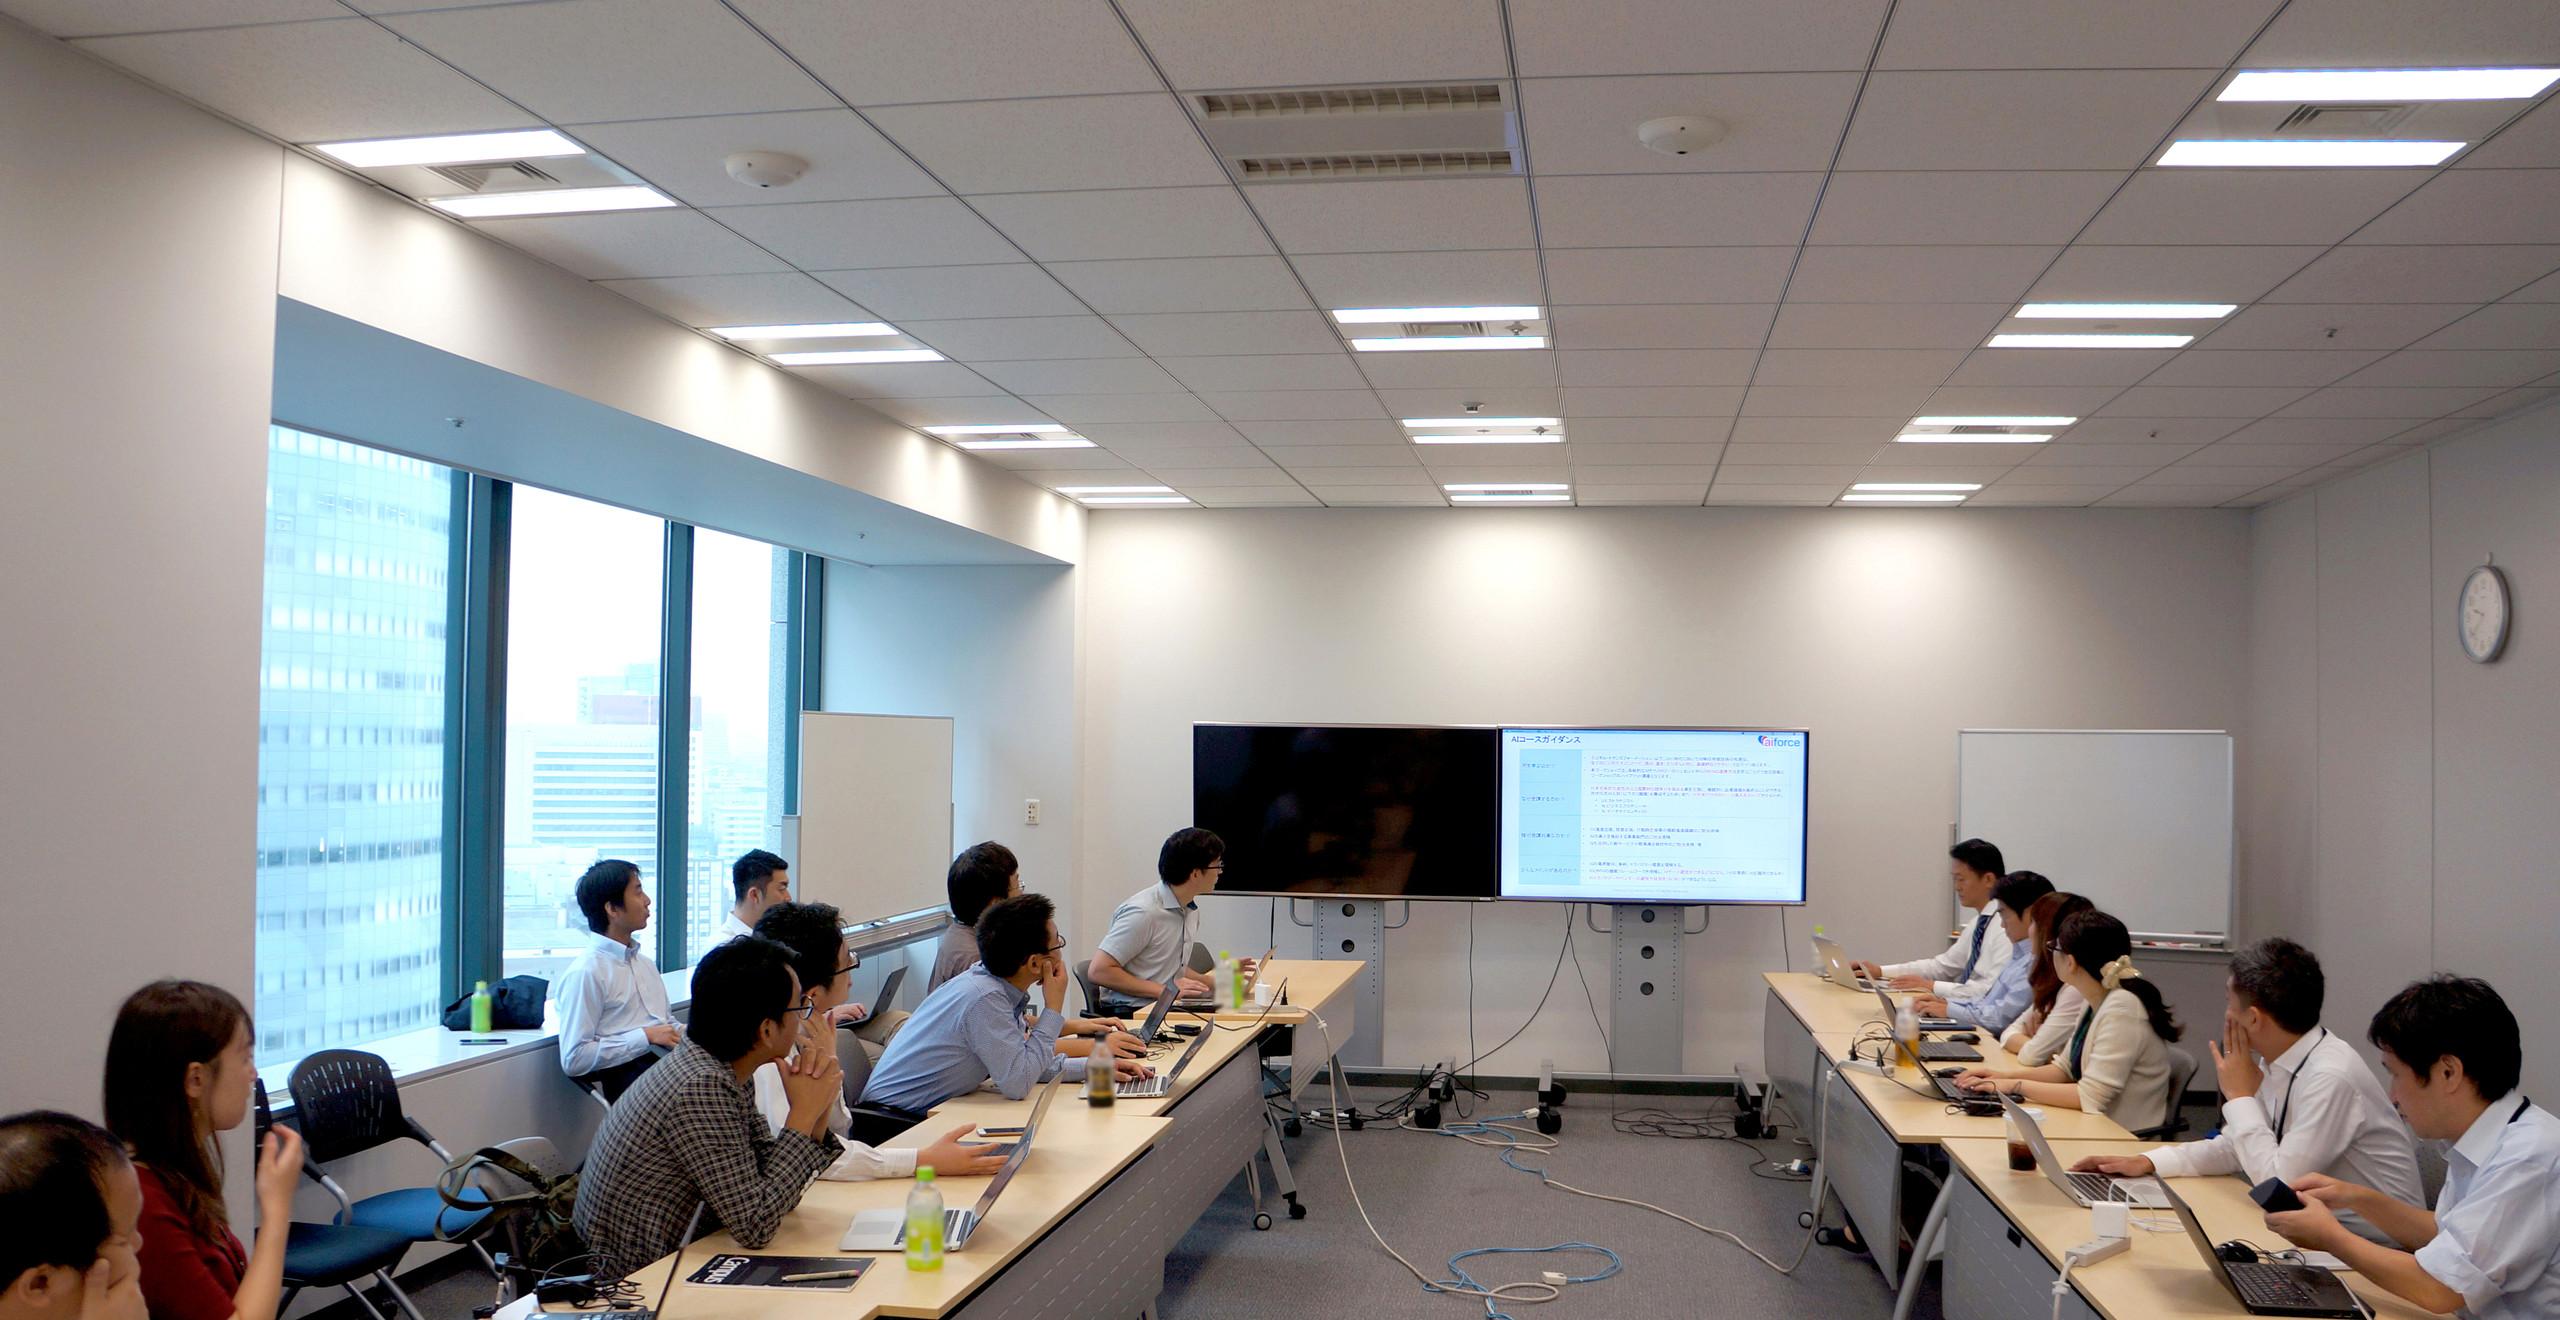 ソフトバンク株式会社 RPA推進部門及びAI事業推進部門様向けに、AIを活用したRPA高度化など「AI概論・実務」研修を実施10月11日の様子